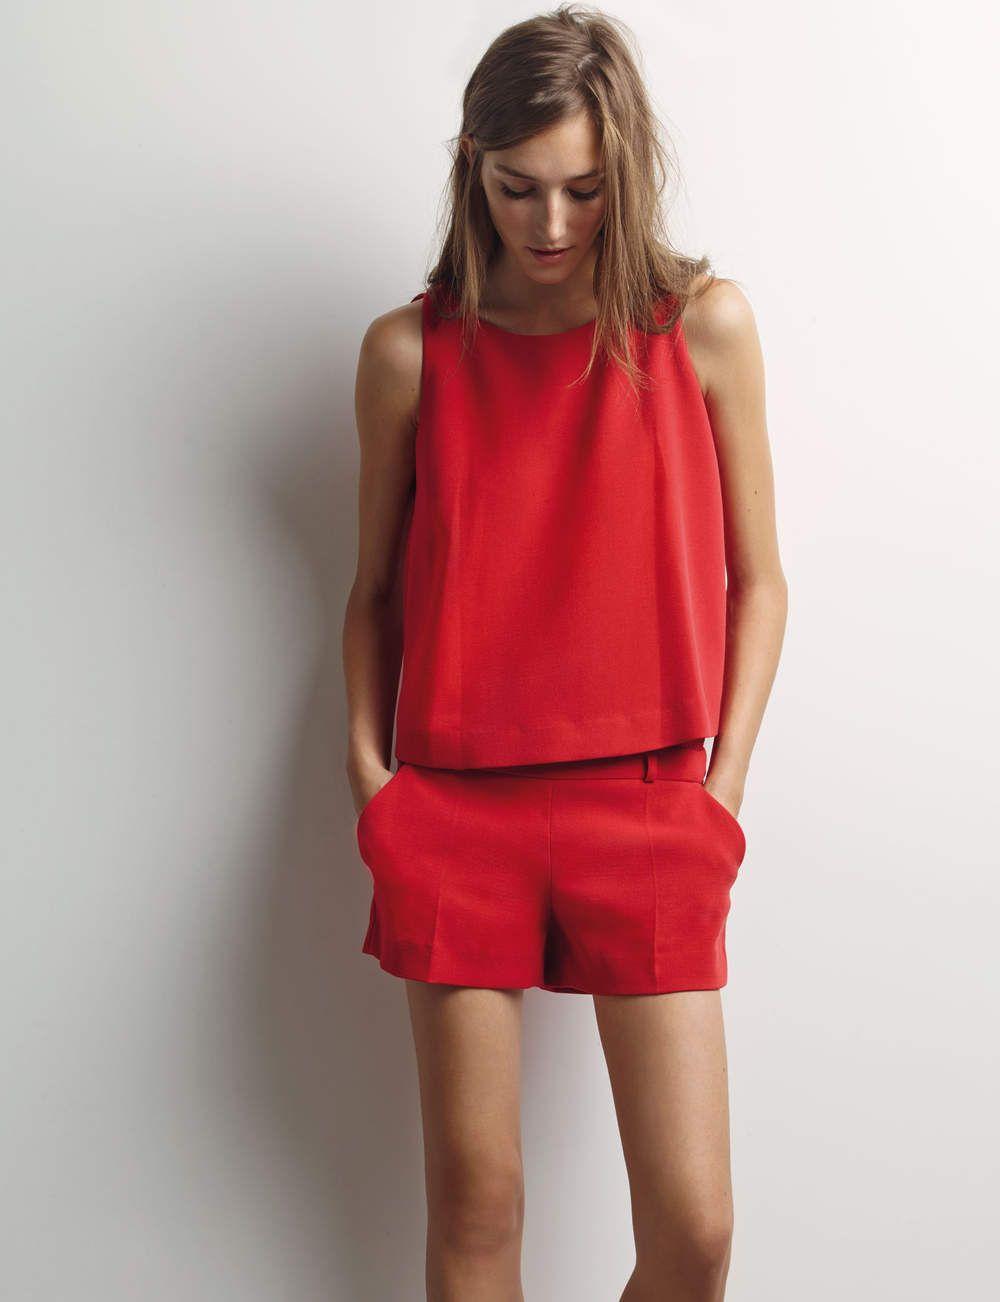 50 Mode Shorts Pour Femme Cet Tendance ÉtéFashion dChrBtQxos